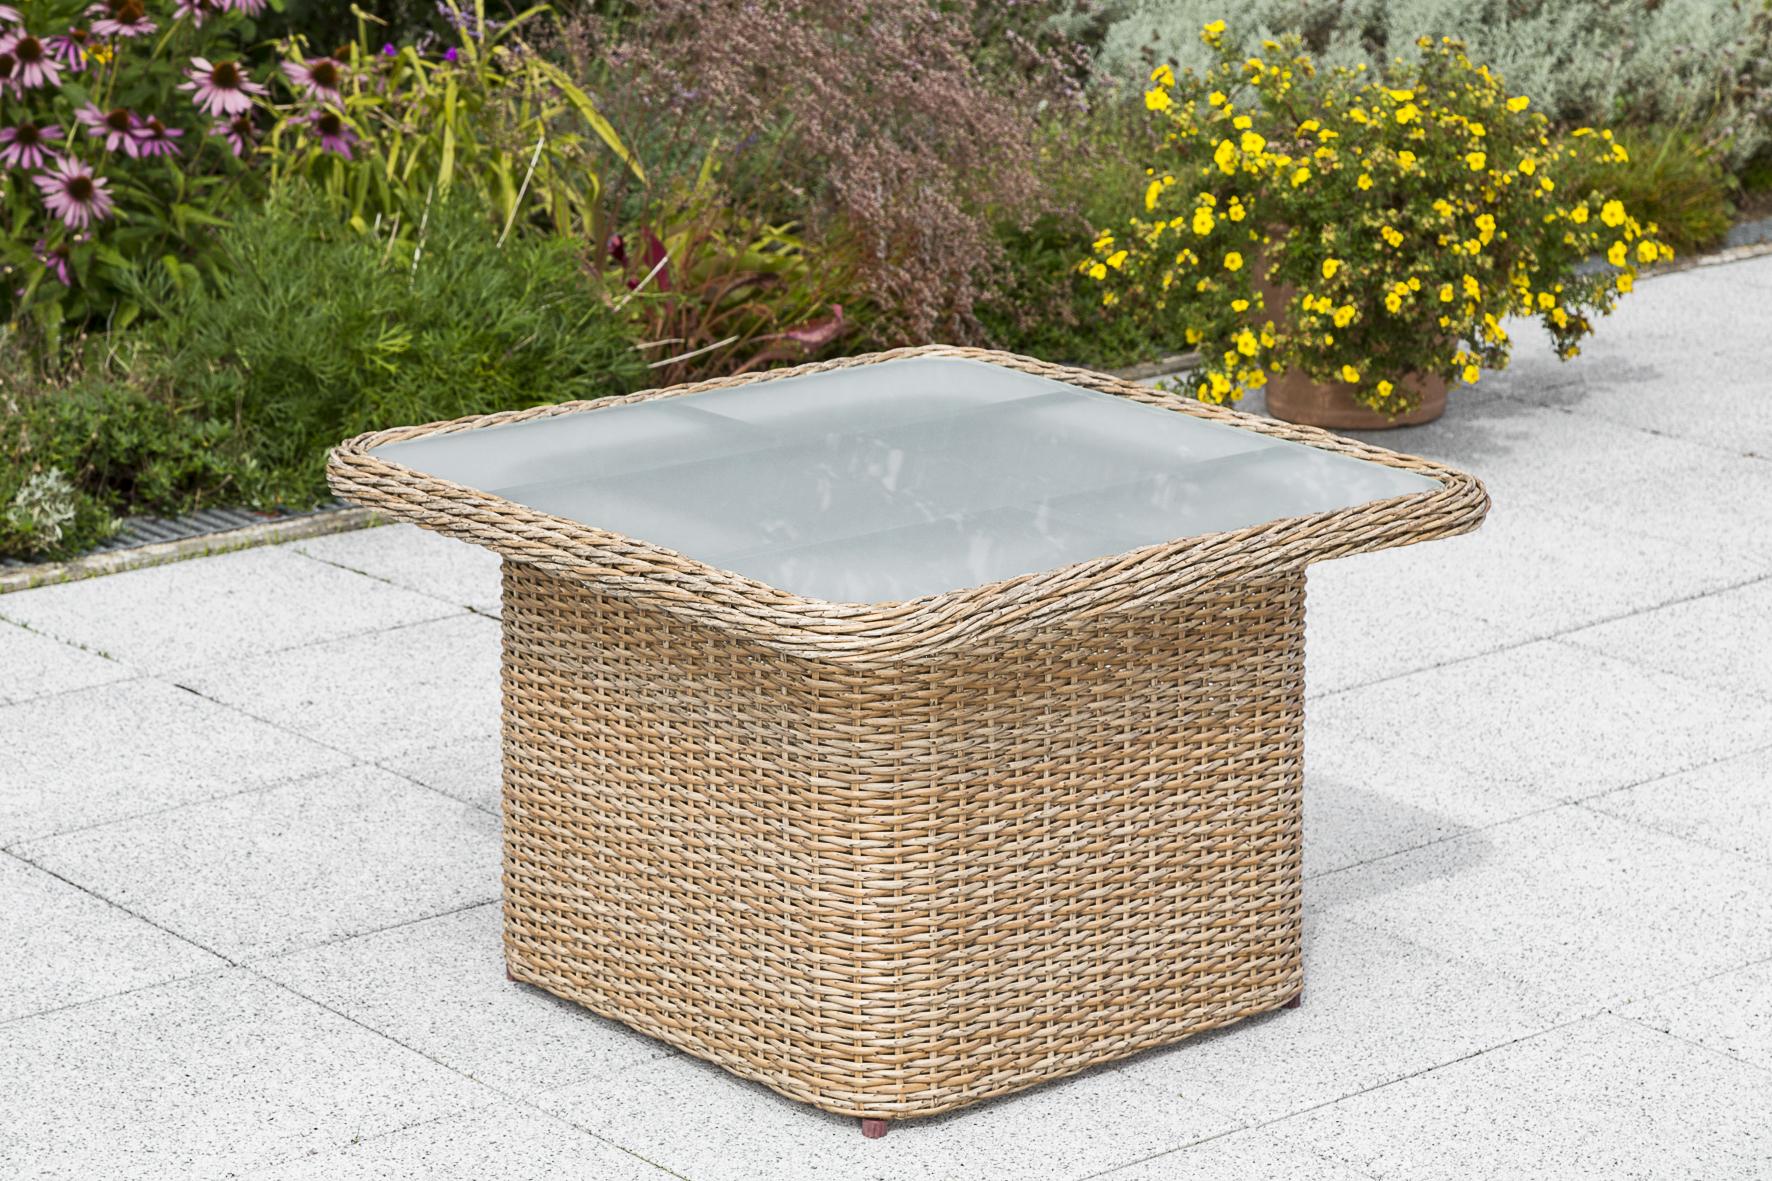 Loungetisch VENETO 72x72cm Stahl + Polyrattan natur, höhenverstellbar,